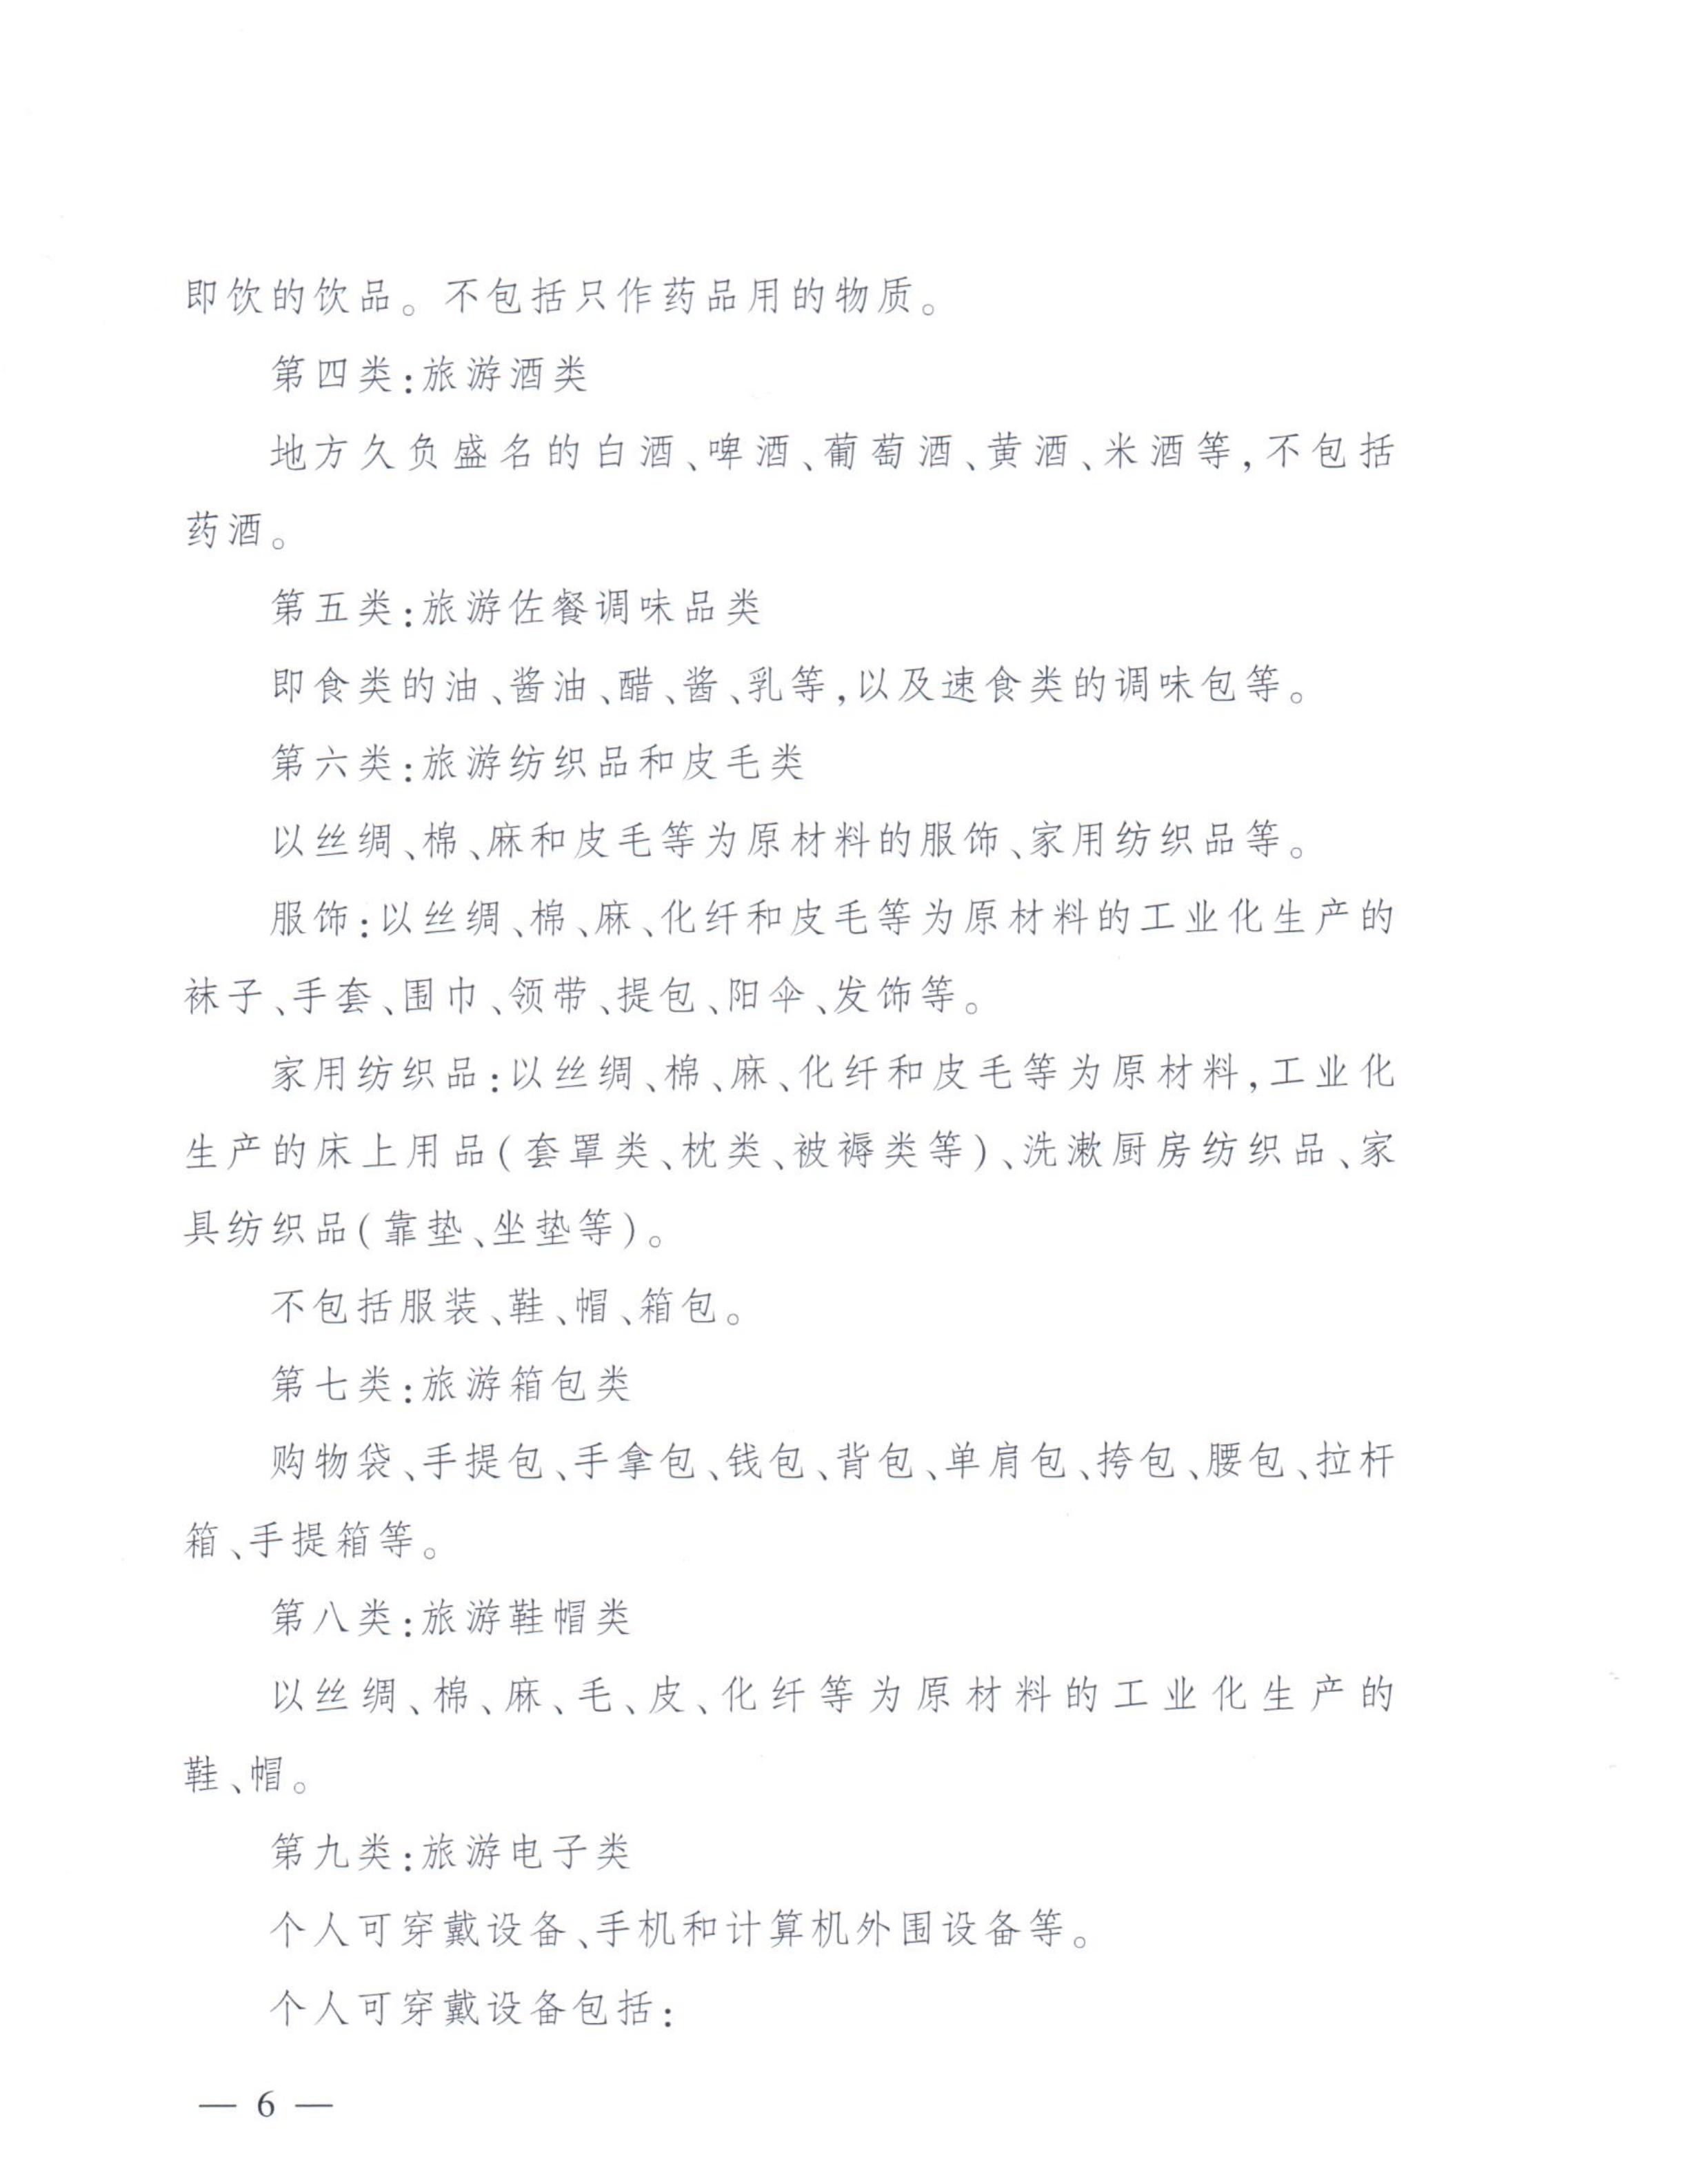 舉辦2019中國特色旅游商品大賽的通知-9-舉辦2019中國特色旅游商品大賽的通知-9_05